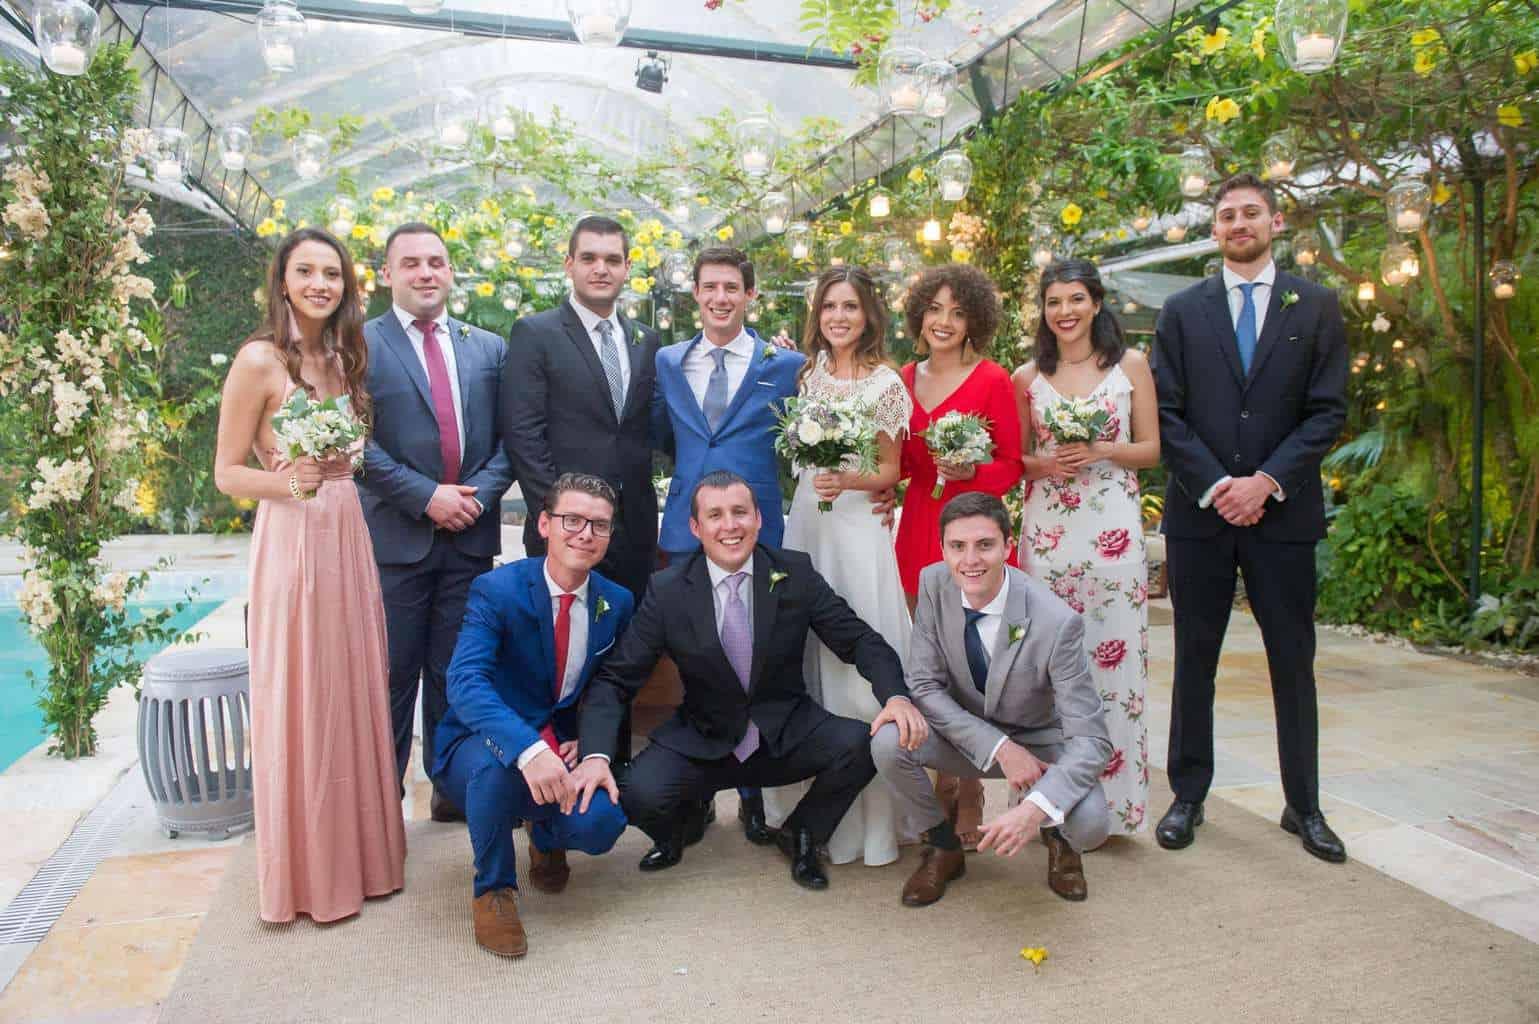 Casa-de-Santa-Teresa-Daniela-e-Juan-Destination-Wedding-Mariana-Nogueira-Decor-Marina-Fava-Fotografia-Thais-de-Carvalho-Dias-CaseMe-14